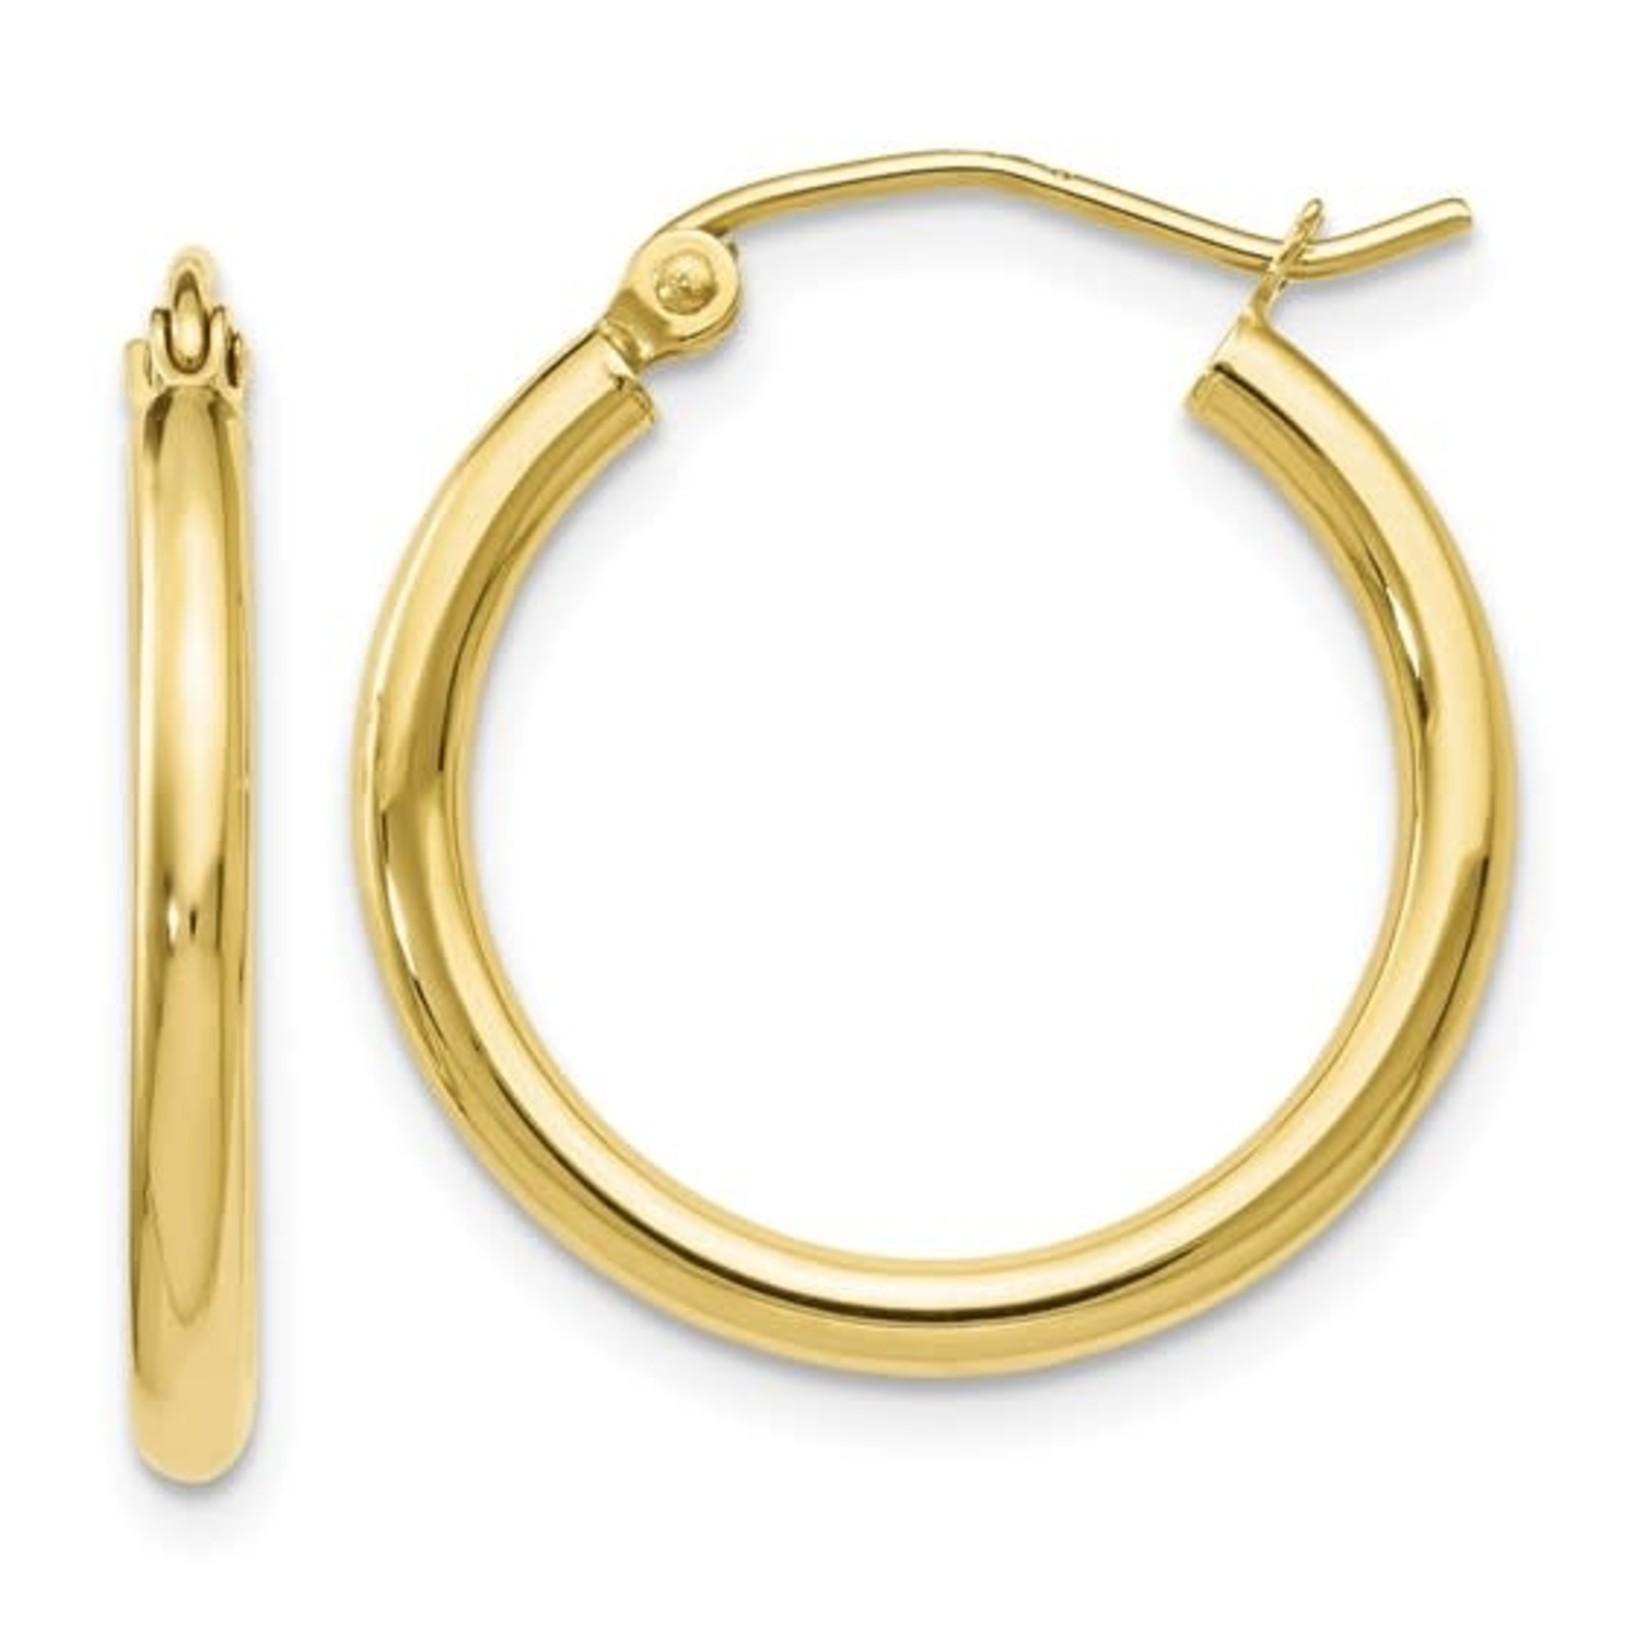 This Is Life Polished Hinged Hoop Earrings